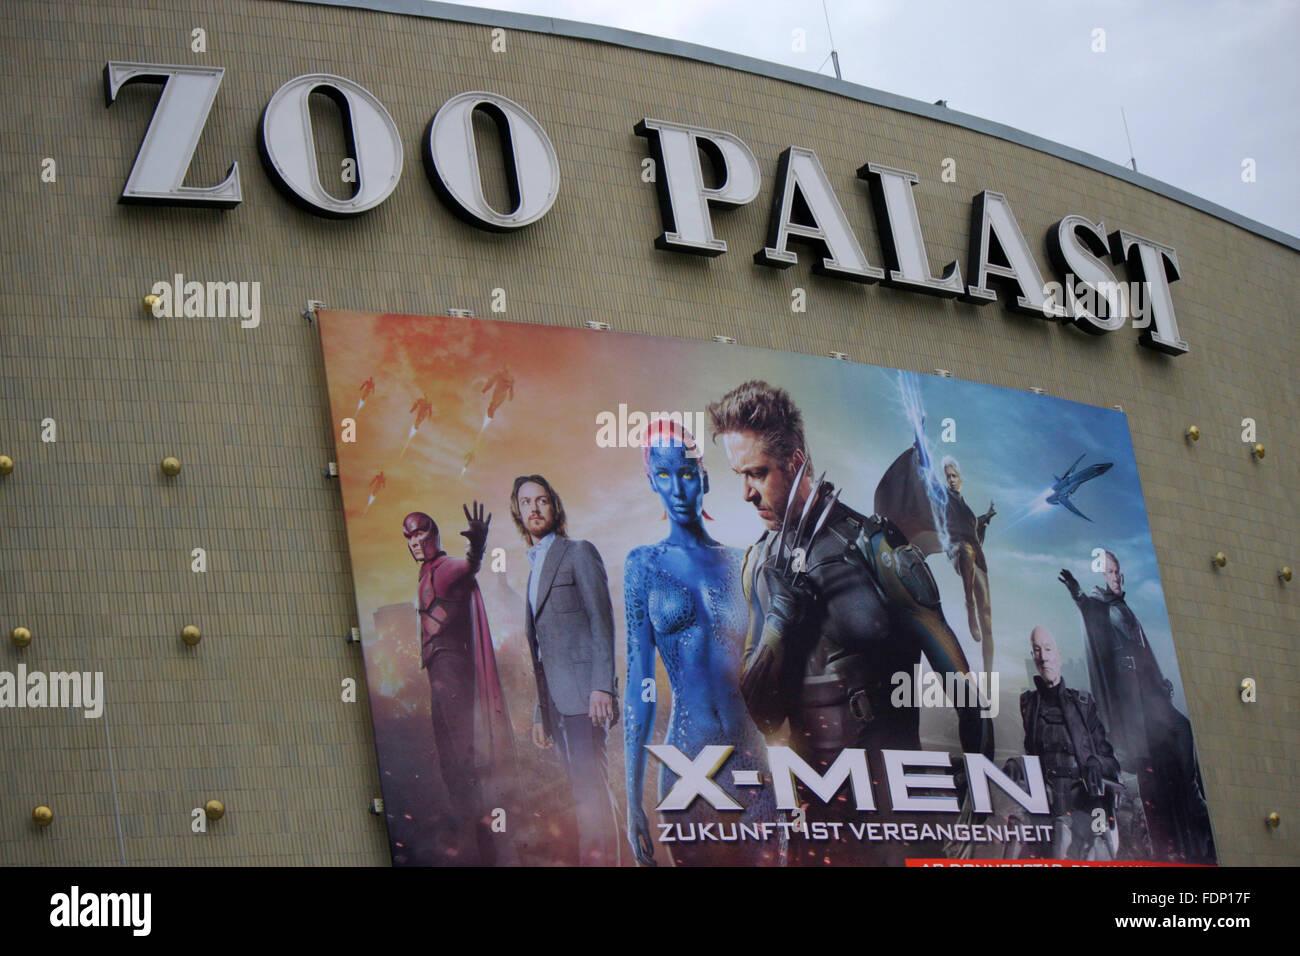 Zoo Palast mit Werbung fuer Spielfilm 'X-Men', Berlin-Charlottenburg. - Stock Image